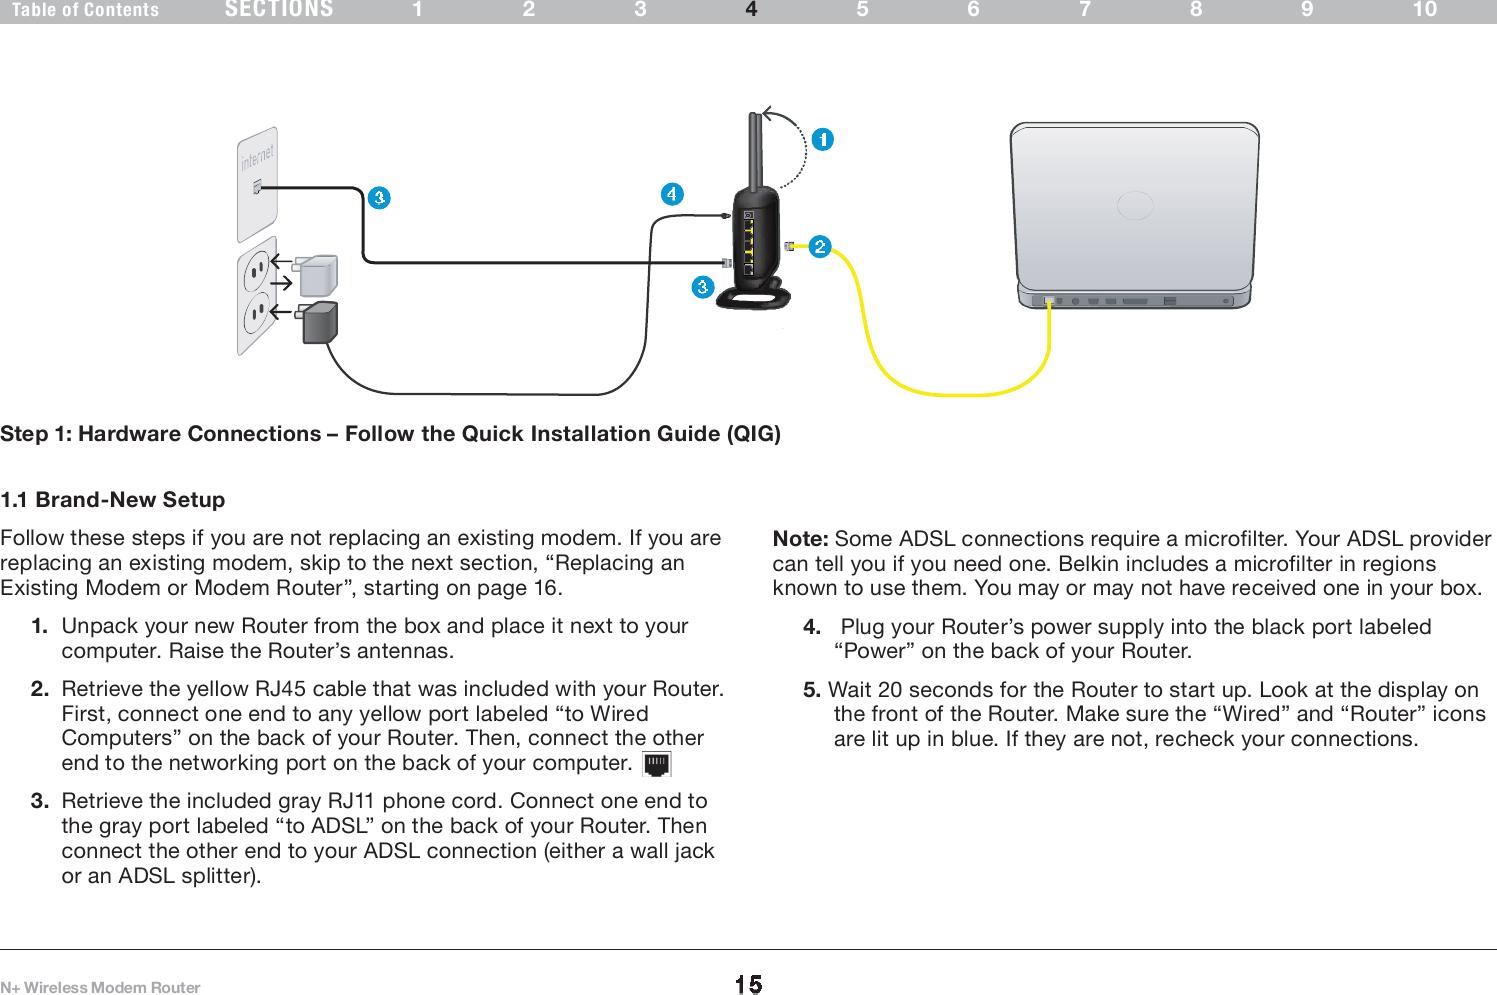 Belkin F5d8635v2 N Wireless Modem Router User Manual Userman Diagram